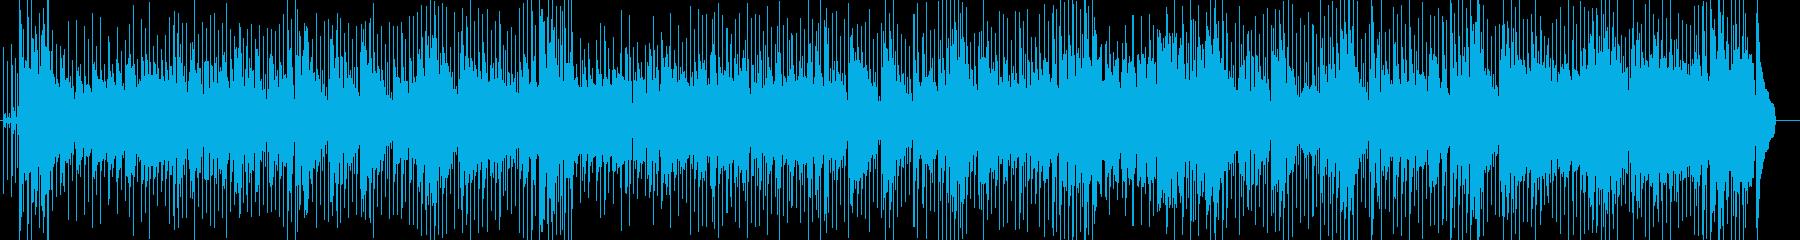 70年代ニューミュージック ボサノバ系の再生済みの波形